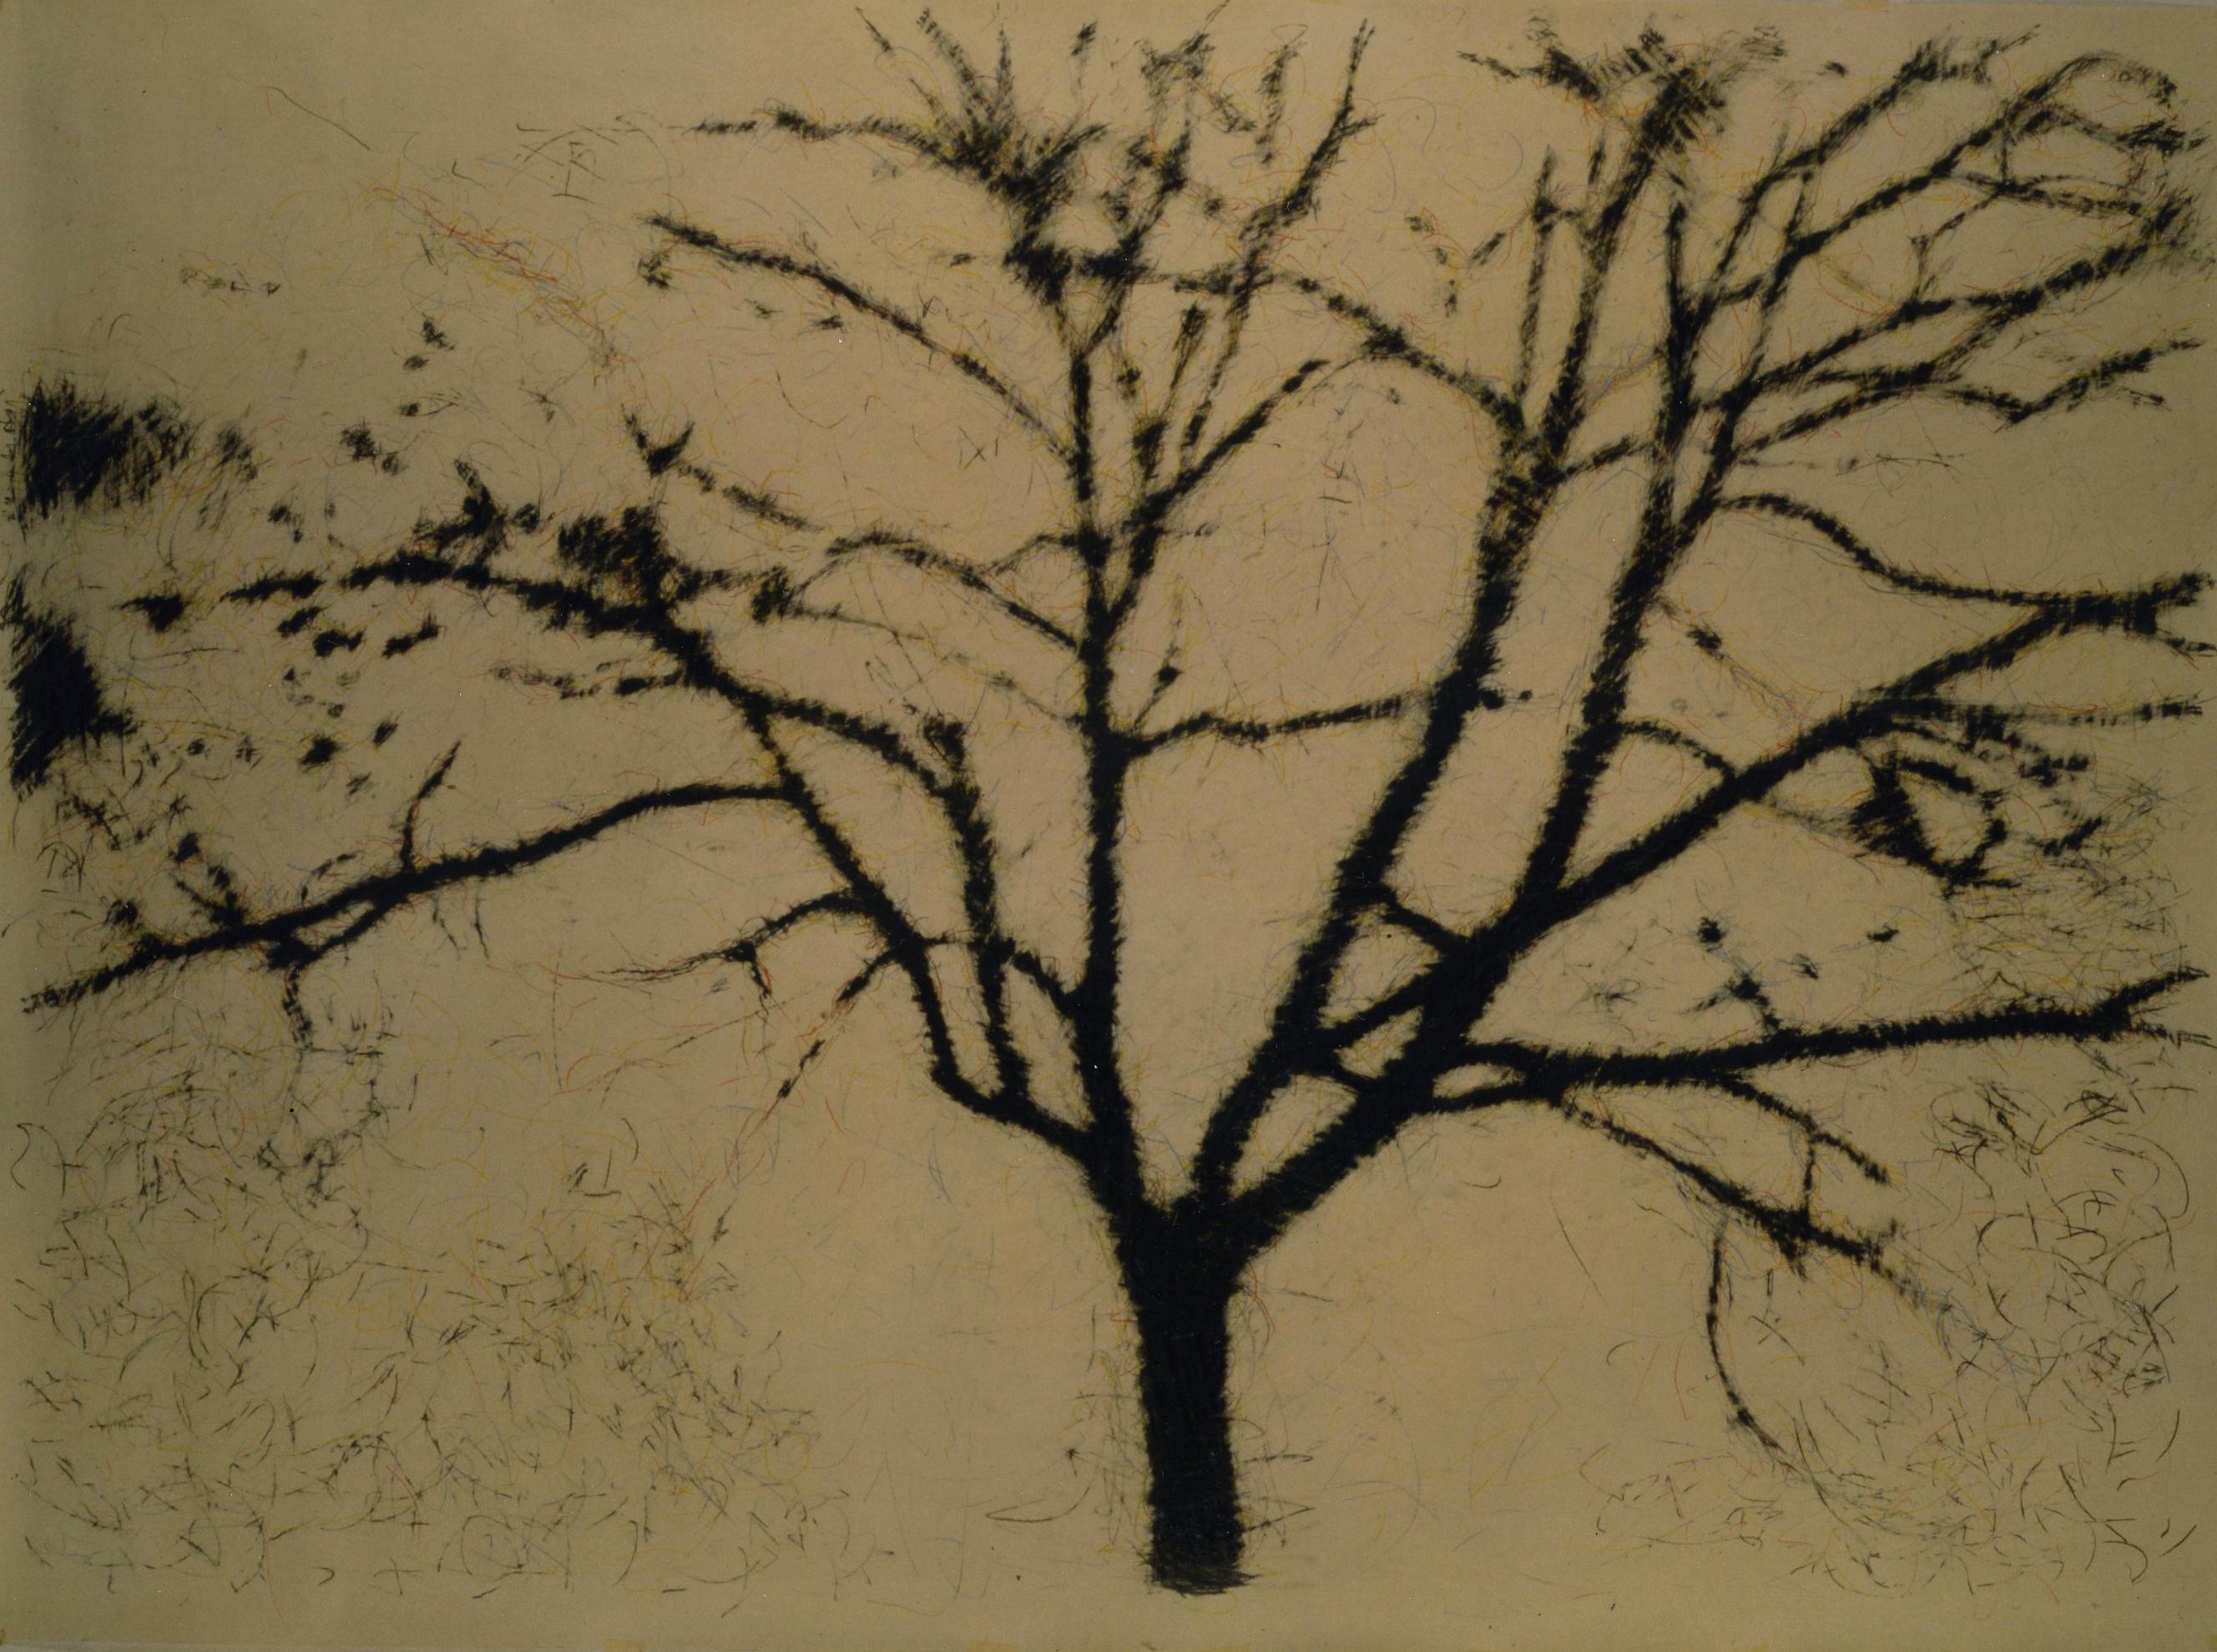 Luca Pancrazzi, Fuori Registro (albero), 1995, pencil on paper, 190×270 cm